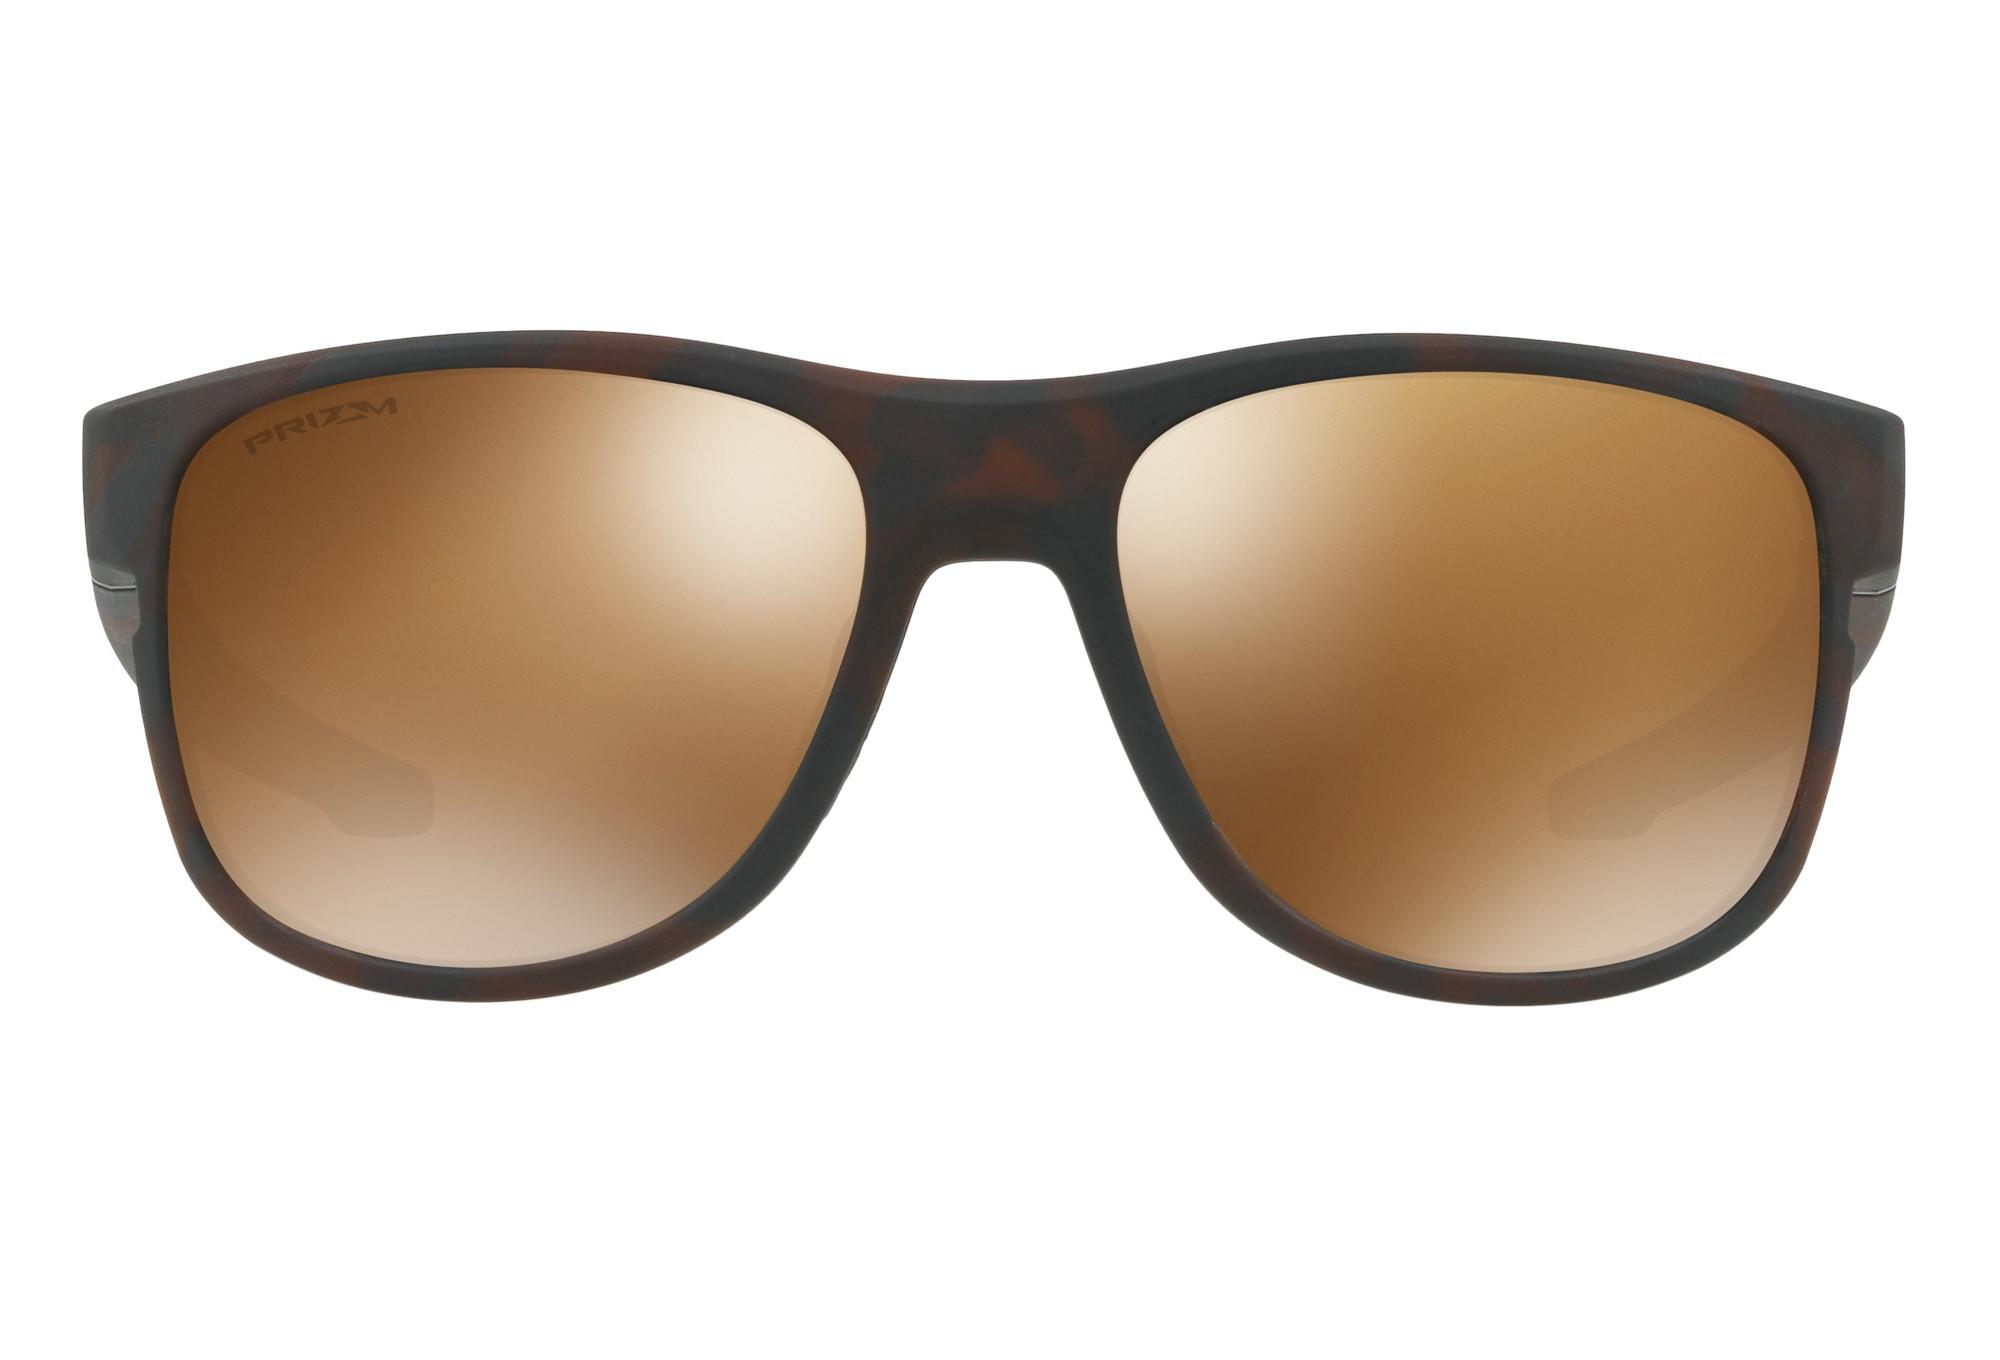 8946a9aede Oakley Polarized Crossrange Prizm Sunglasses